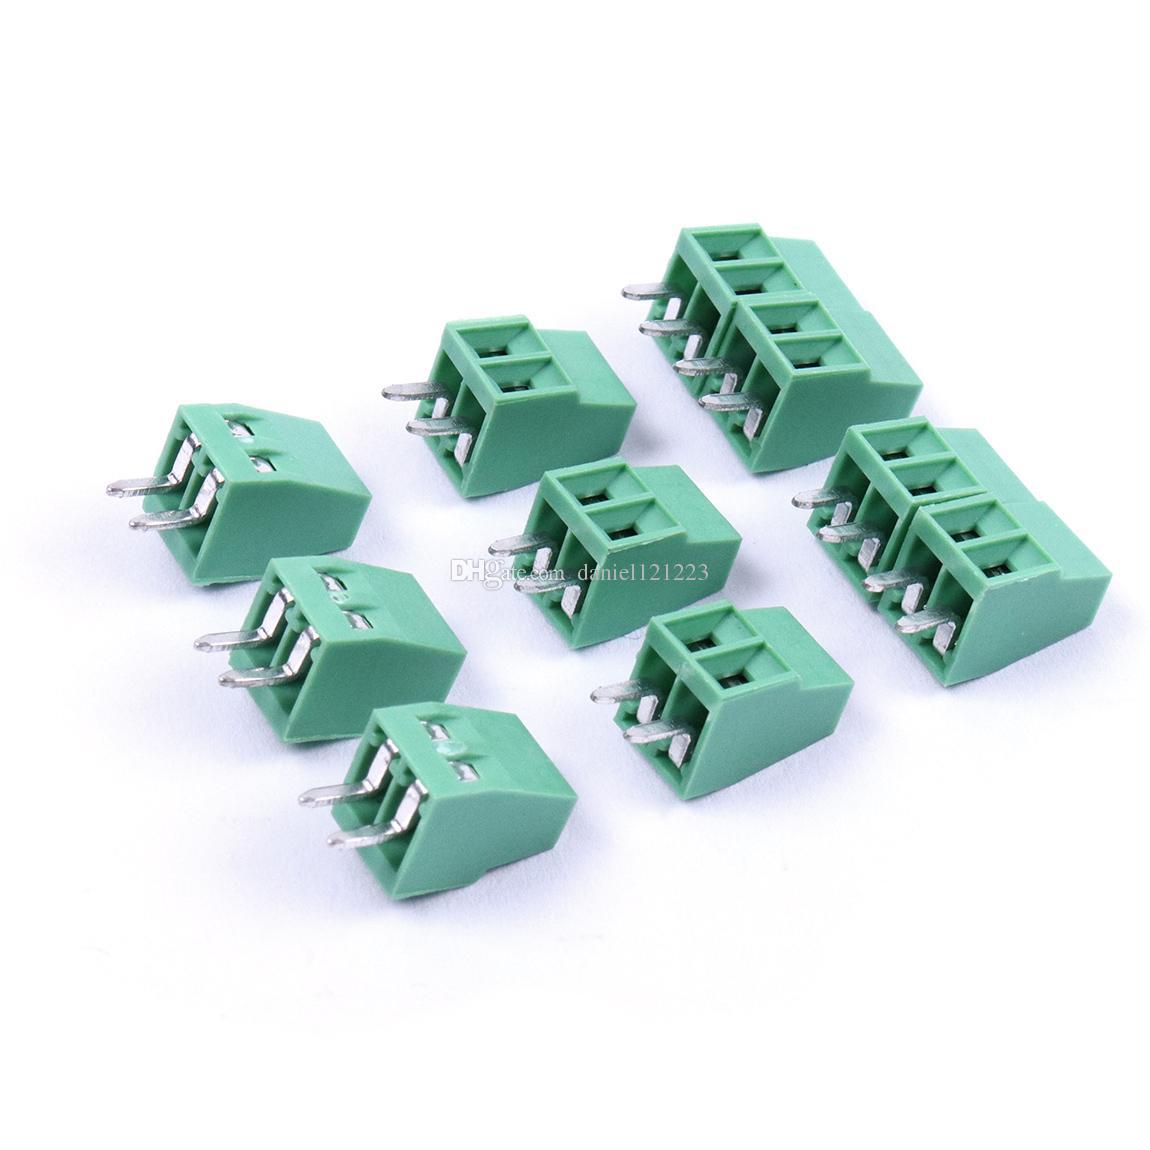 50pcs 2 Pin 3 pines 2,54 mm PCB helicoidales universales bloque de terminales del conector